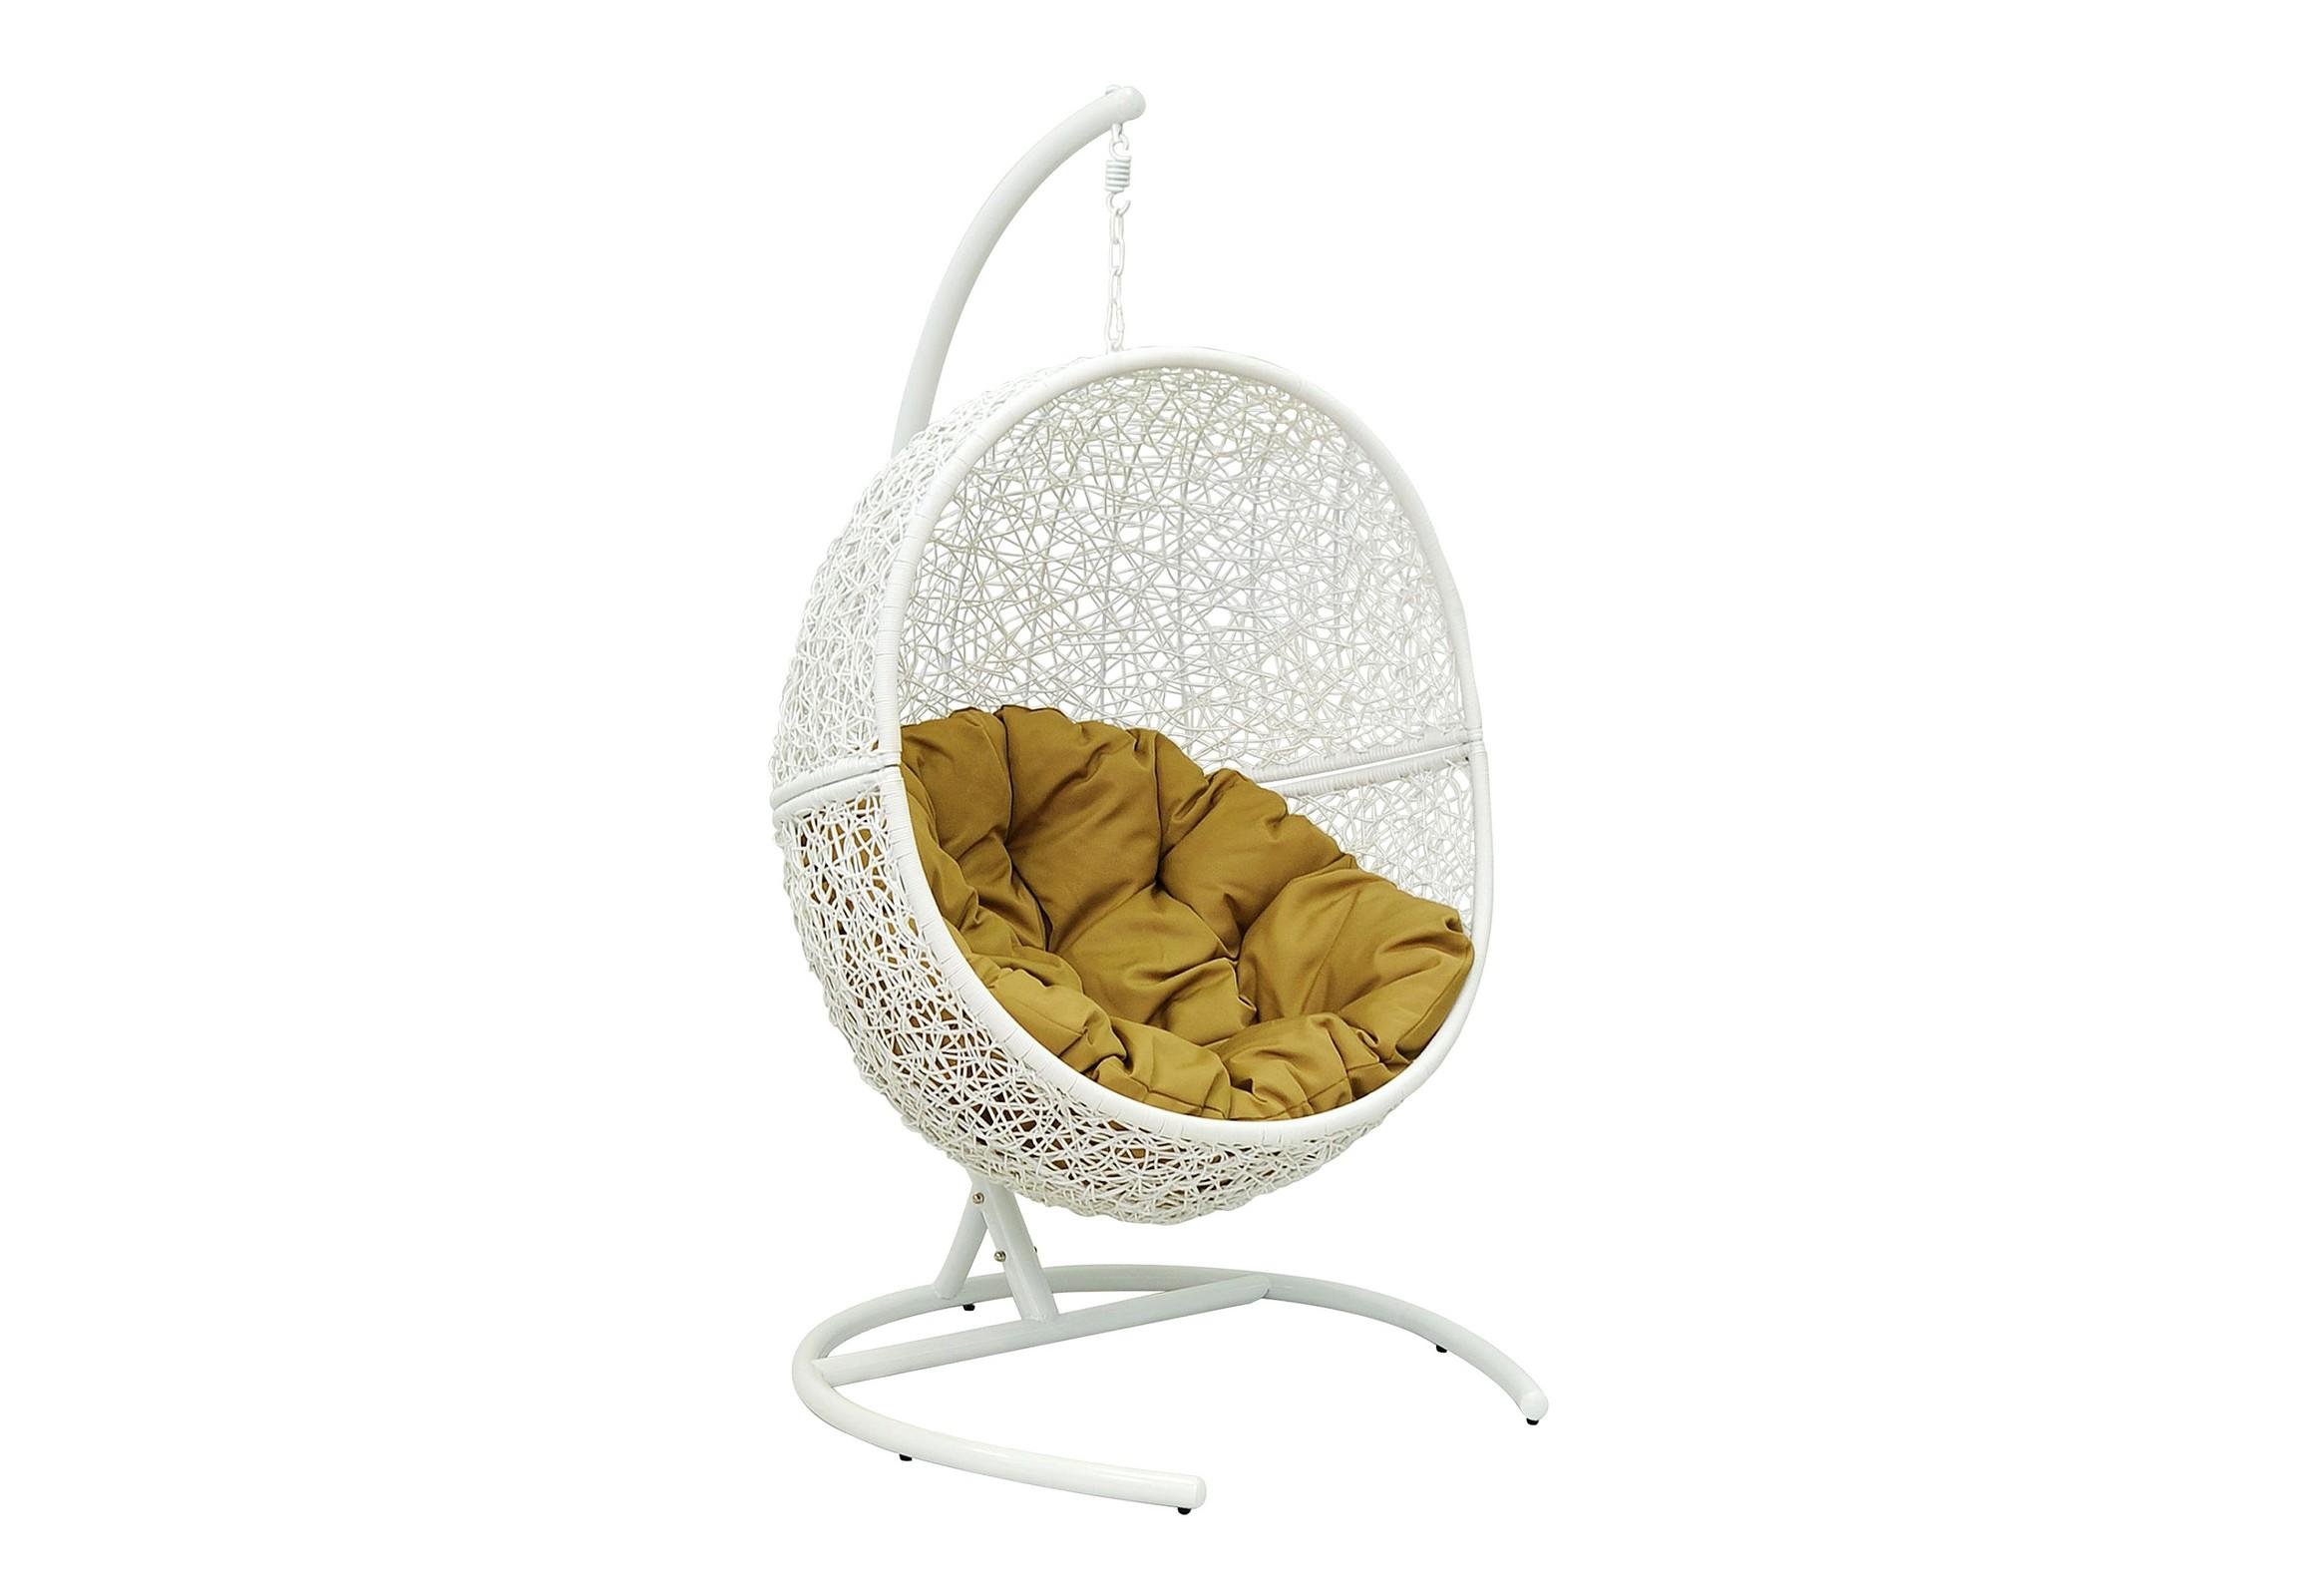 Кресло подвесное Lunar WhiteПодвесные кресла<br>Подвесное кресло выполнено из искусственного ротанга высокого качества. Искусственный ротанг круглой формы, что делает его очень похожим на натуральный ротанговый прут. Каркас опоры и самого кресла покрыт прочной, устойчивой к внешним воздействиям, порошковой краской. А мягкие подушки выполнены из водоотталкивающего материала.<br>Основа кресла выполнена из стали, благодаря чему подвесное кресло может выдерживать вес до 120 кг. Когда Вы сидите  в кресле, общая нагрузка приходится не на ажурное плетение, а именно на металлический каркас.&amp;lt;div&amp;gt;&amp;lt;br&amp;gt;&amp;lt;/div&amp;gt;&amp;lt;div&amp;gt;Материал каркаса: сталь&amp;lt;/div&amp;gt;&amp;lt;div&amp;gt;Материал плетения: PE-ротанг (искусственный ротанг) высокого качества (круглый)&amp;lt;/div&amp;gt;&amp;lt;div&amp;gt;Размер чаши: 95х78х117 см&amp;amp;nbsp;&amp;lt;/div&amp;gt;&amp;lt;div&amp;gt;Размер основания: 100х100х176 см&amp;amp;nbsp;&amp;lt;/div&amp;gt;&amp;lt;div&amp;gt;Выдерживаемая нагрузка: 120 кг&amp;lt;/div&amp;gt;&amp;lt;div&amp;gt;Вес: 37 кг&amp;amp;nbsp;&amp;lt;/div&amp;gt;&amp;lt;div&amp;gt;Конструкция кресла: сборно-разборное&amp;lt;/div&amp;gt;&amp;lt;div&amp;gt;Кресло состоит из трех частей: основание, опора и чаша. Сборка не требует специальных навыков.&amp;lt;/div&amp;gt;<br><br>Material: Искусственный ротанг<br>Ширина см: 95<br>Высота см: 117<br>Глубина см: 78